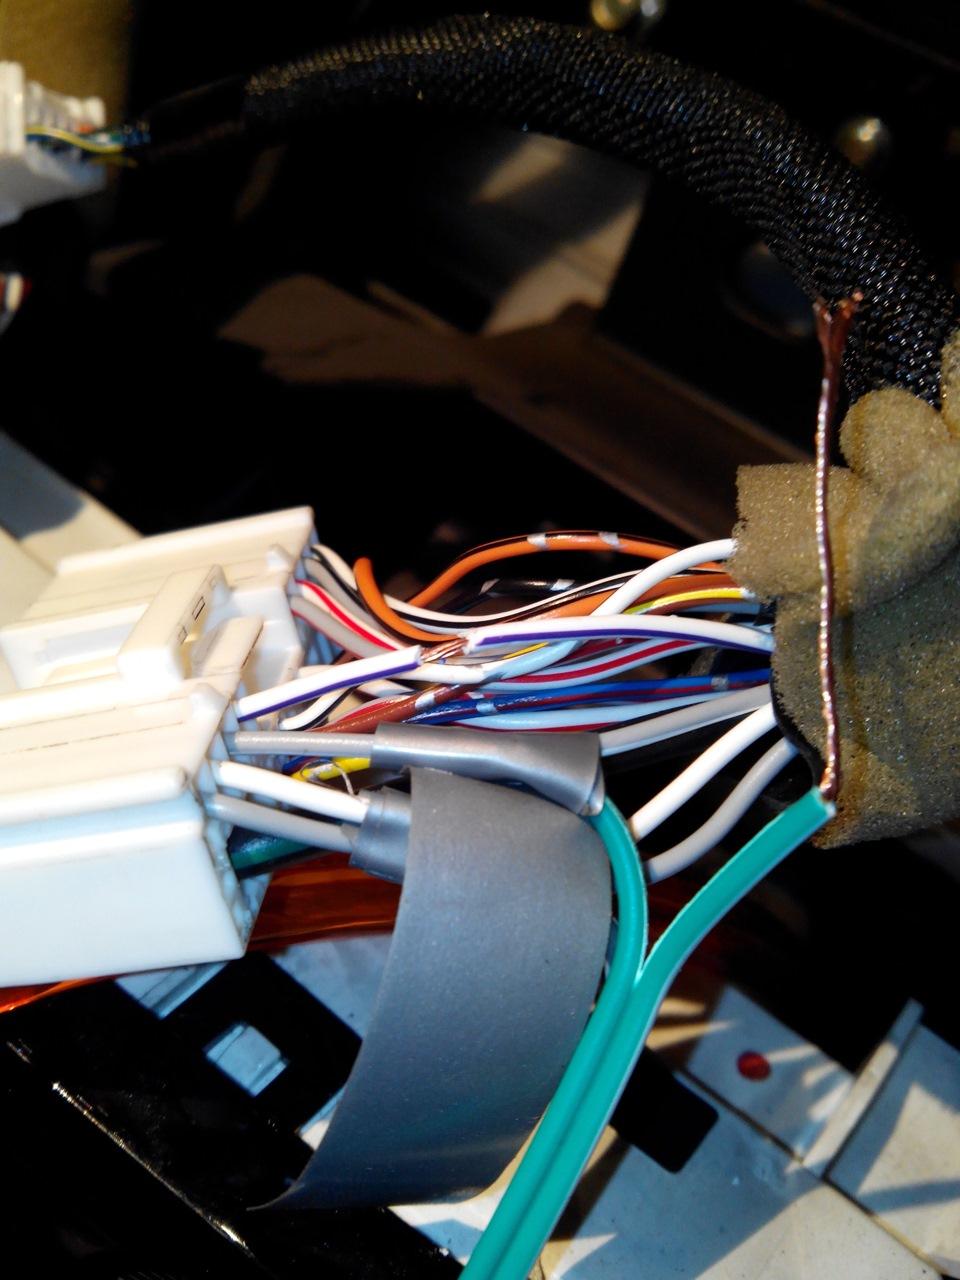 переходник для подключения сабвуфера к штатной магнитоле mazda 3